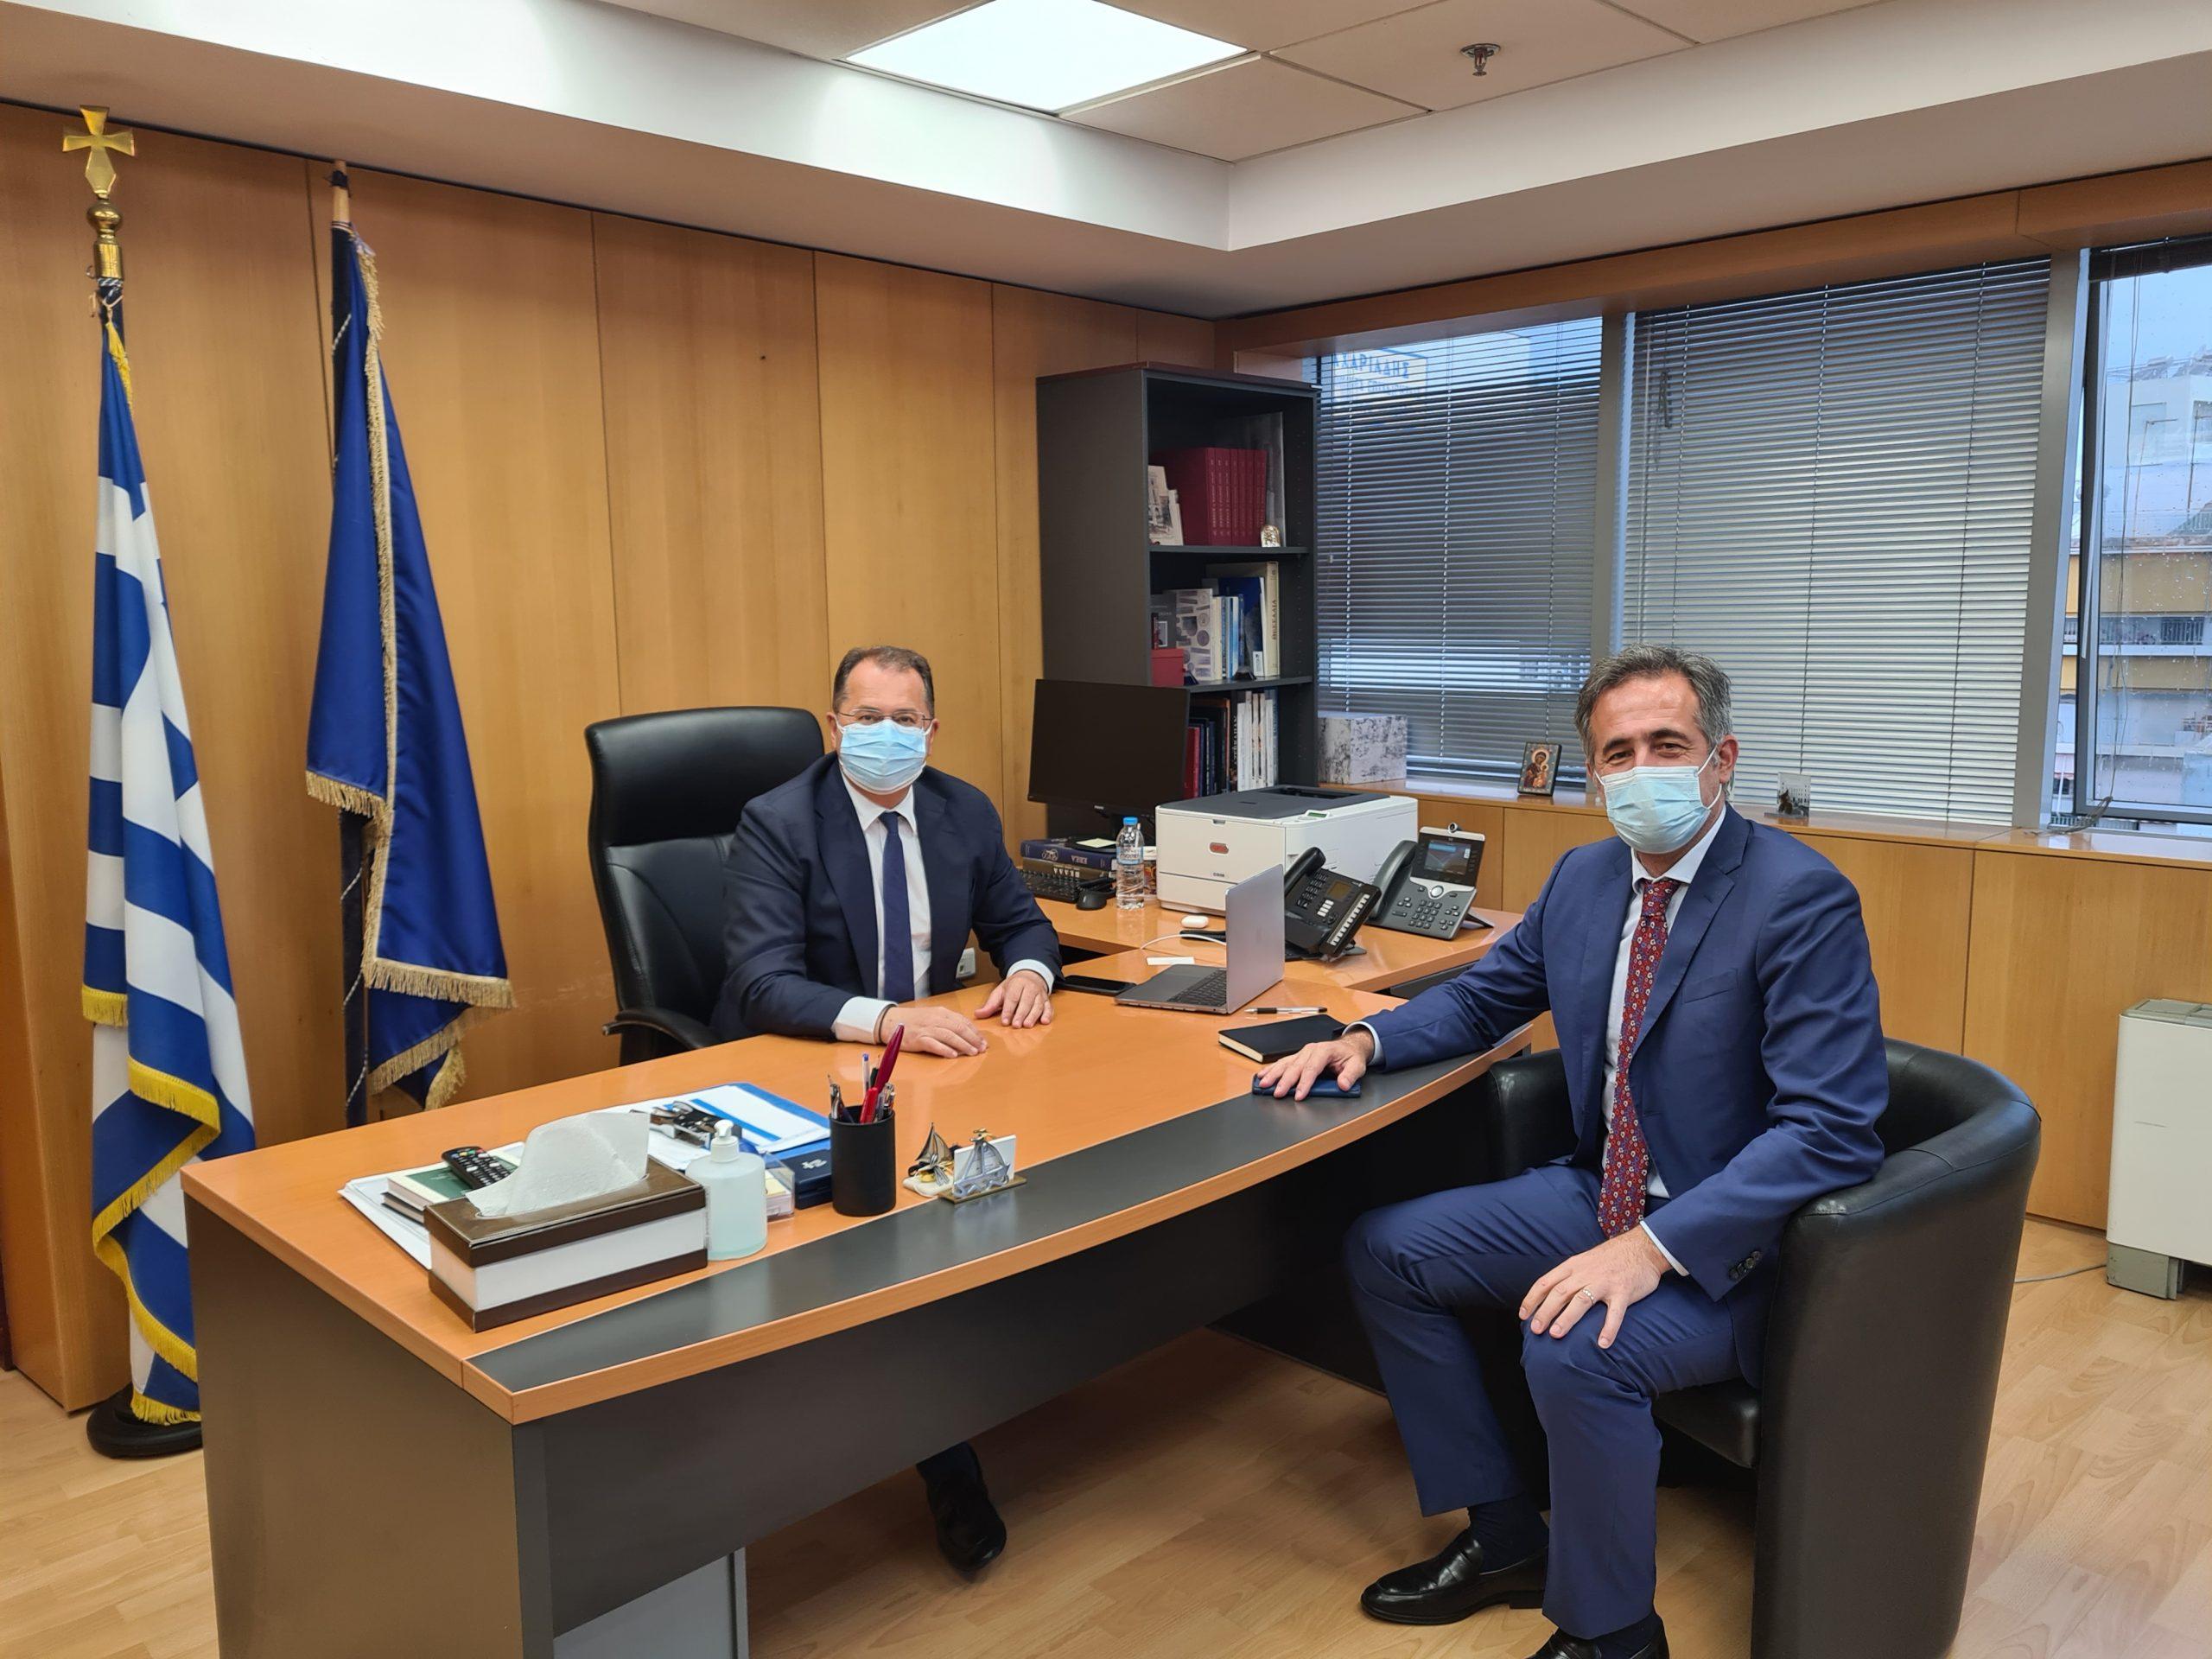 Συνάντηση του Βουλευτή ΠΕ Κοζάνης Στάθη Κωνσταντινίδη με τον Υφυπουργό Ψηφιακής Διακυβέρνησης Γιώργο Στύλιο